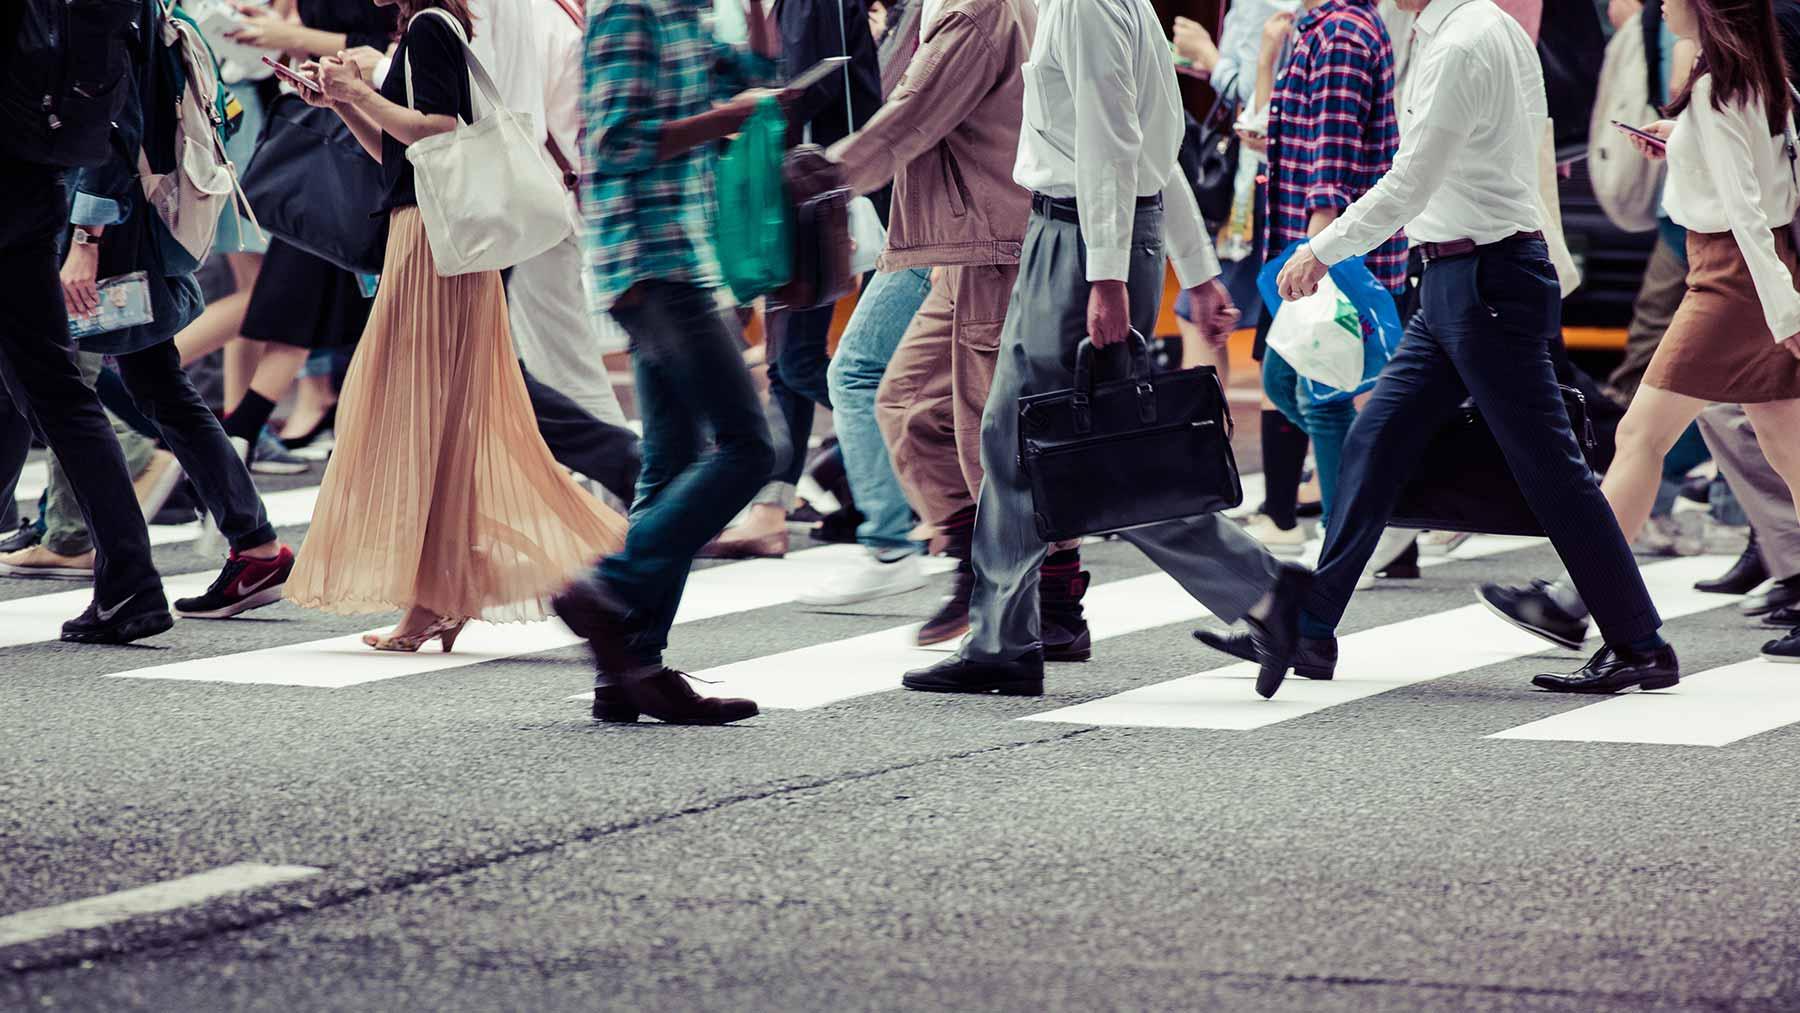 Comment les collectivités territoriales s'intéressent-elles au crowdfunding ?